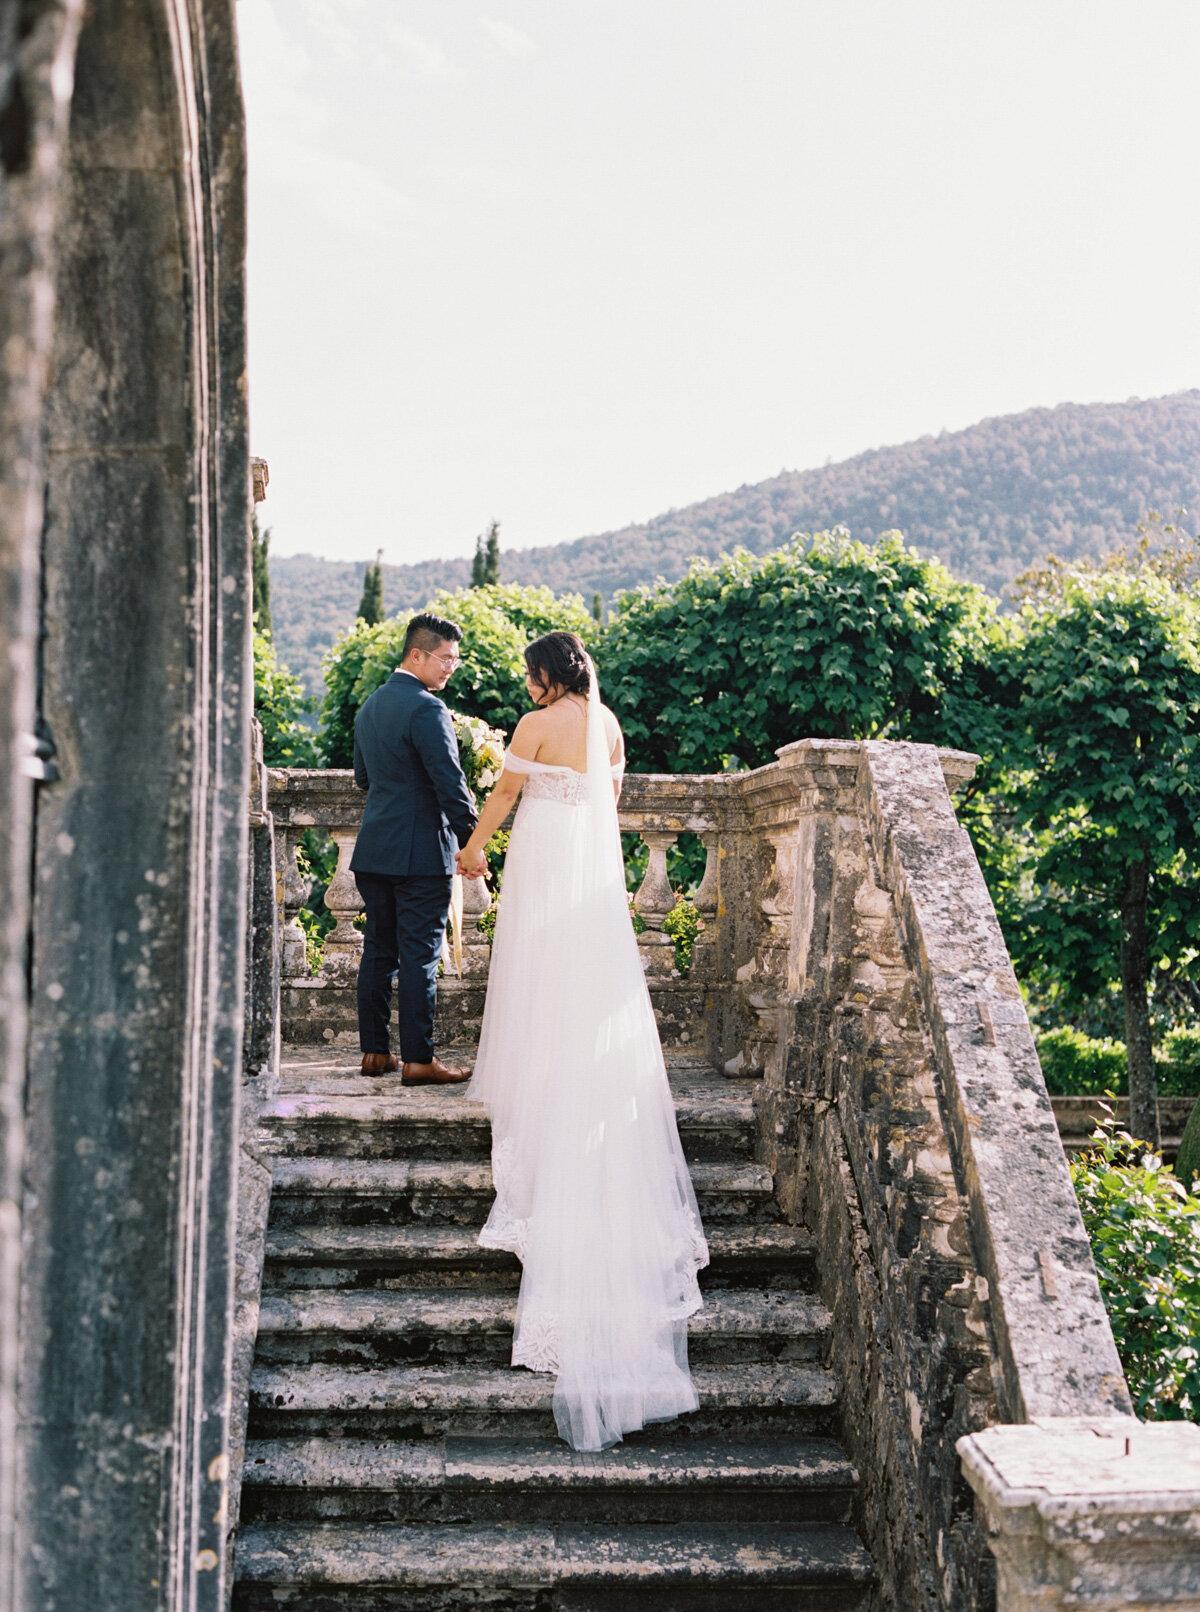 Villa-Cetinale-Tuscany-Katie-Grant-destination-wedding (88 of 115).jpg